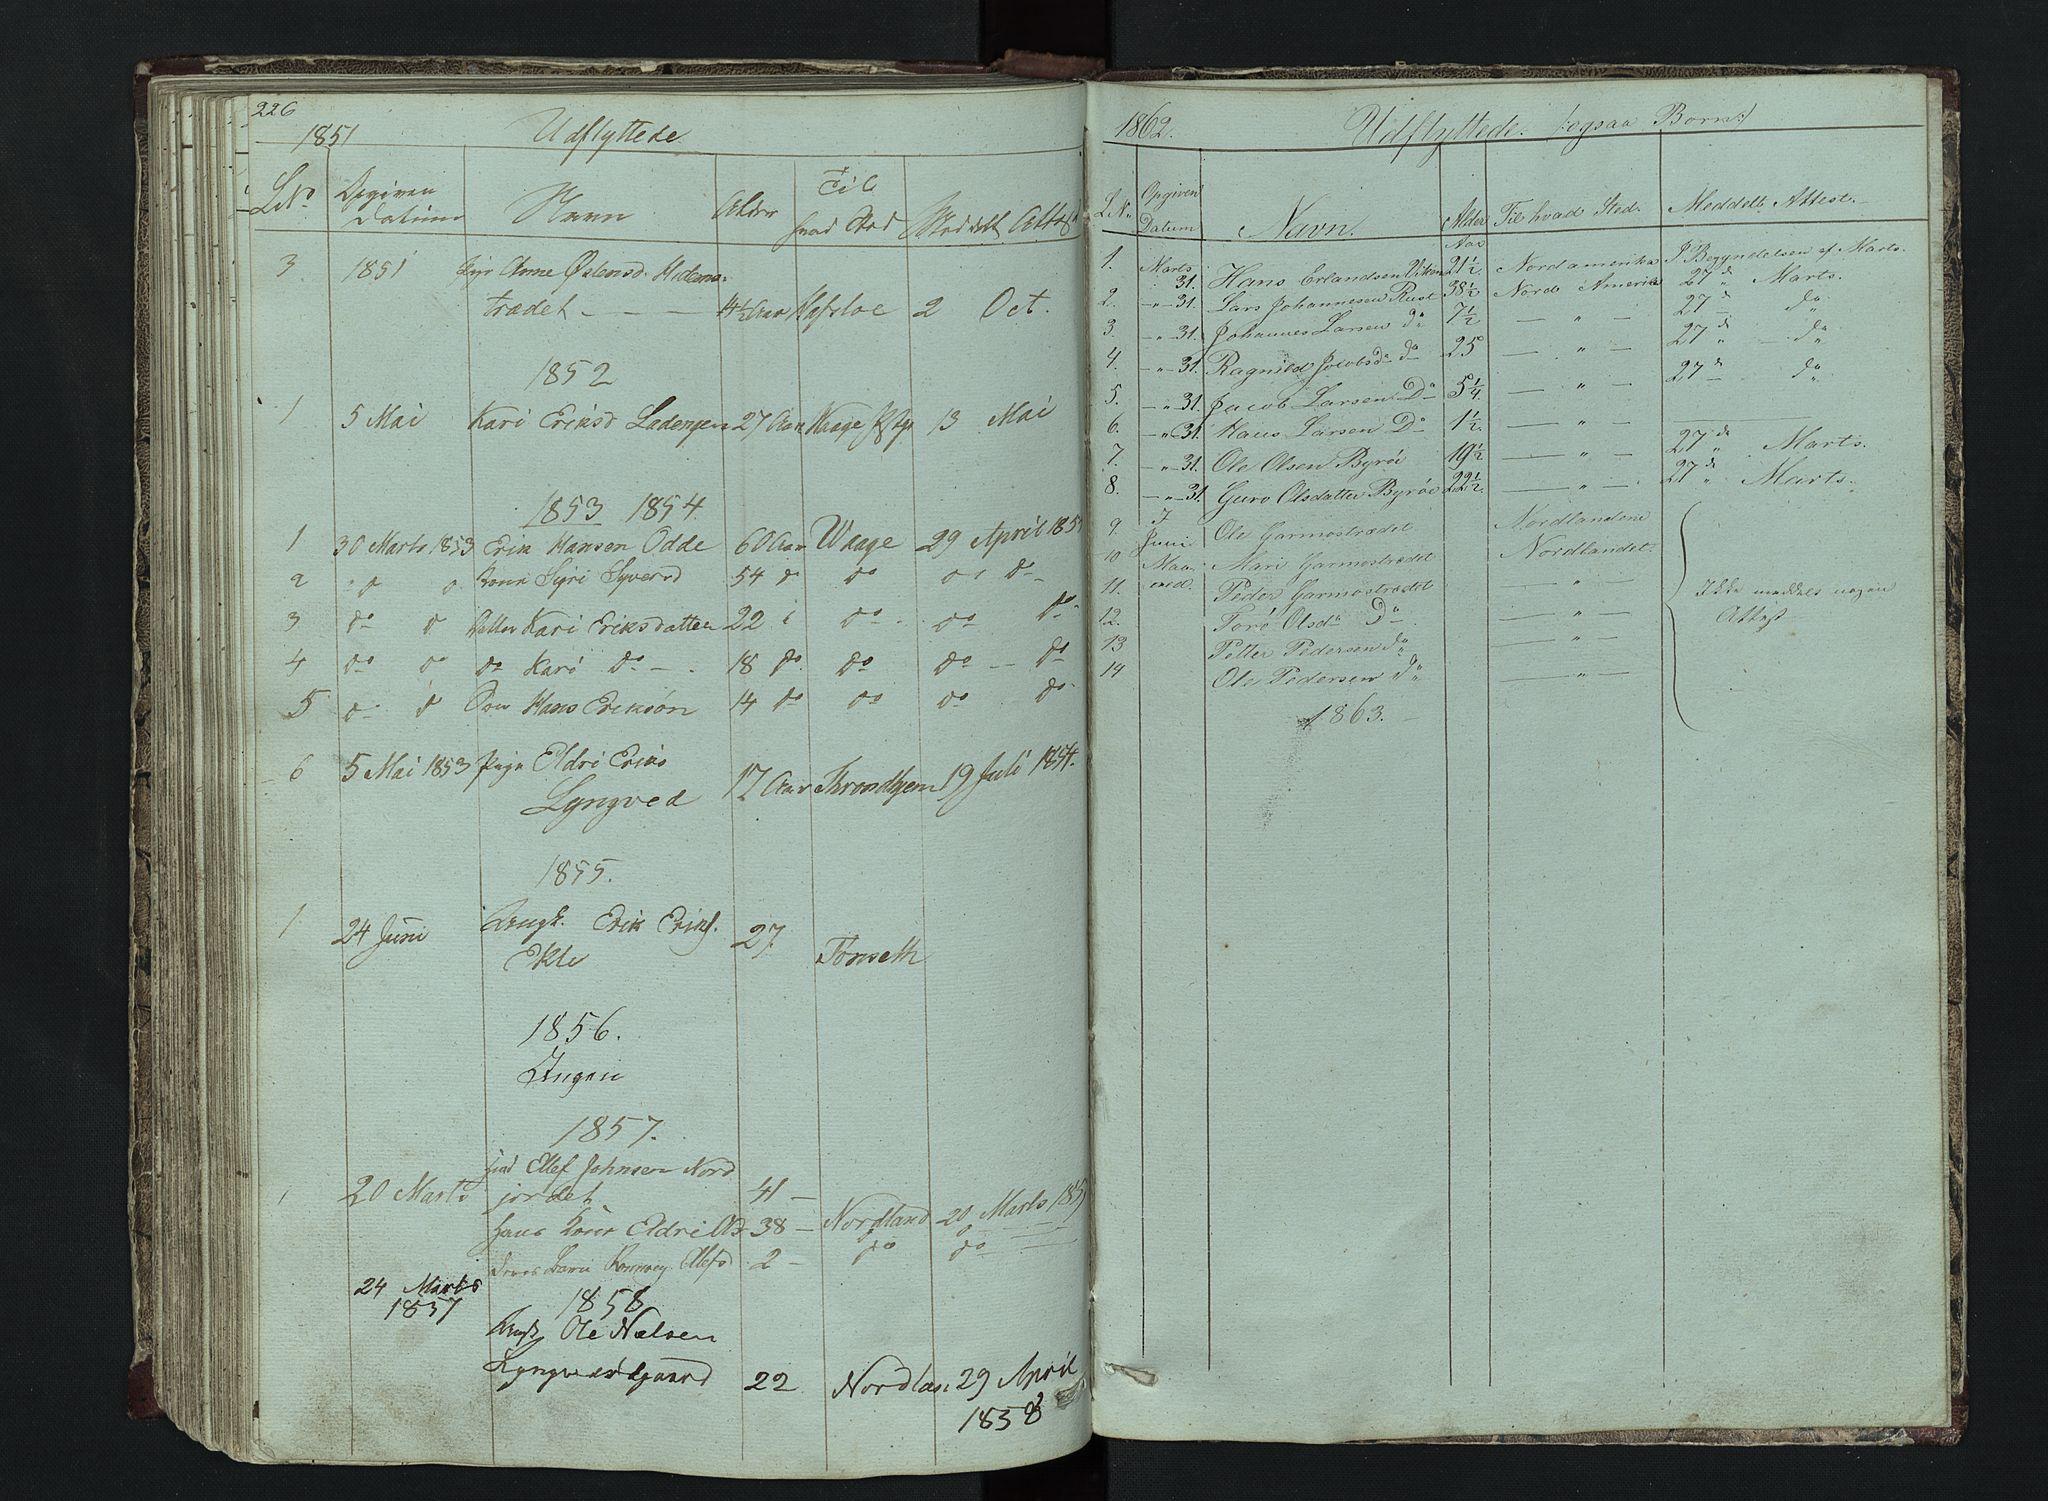 SAH, Lom prestekontor, L/L0014: Klokkerbok nr. 14, 1845-1876, s. 226-227